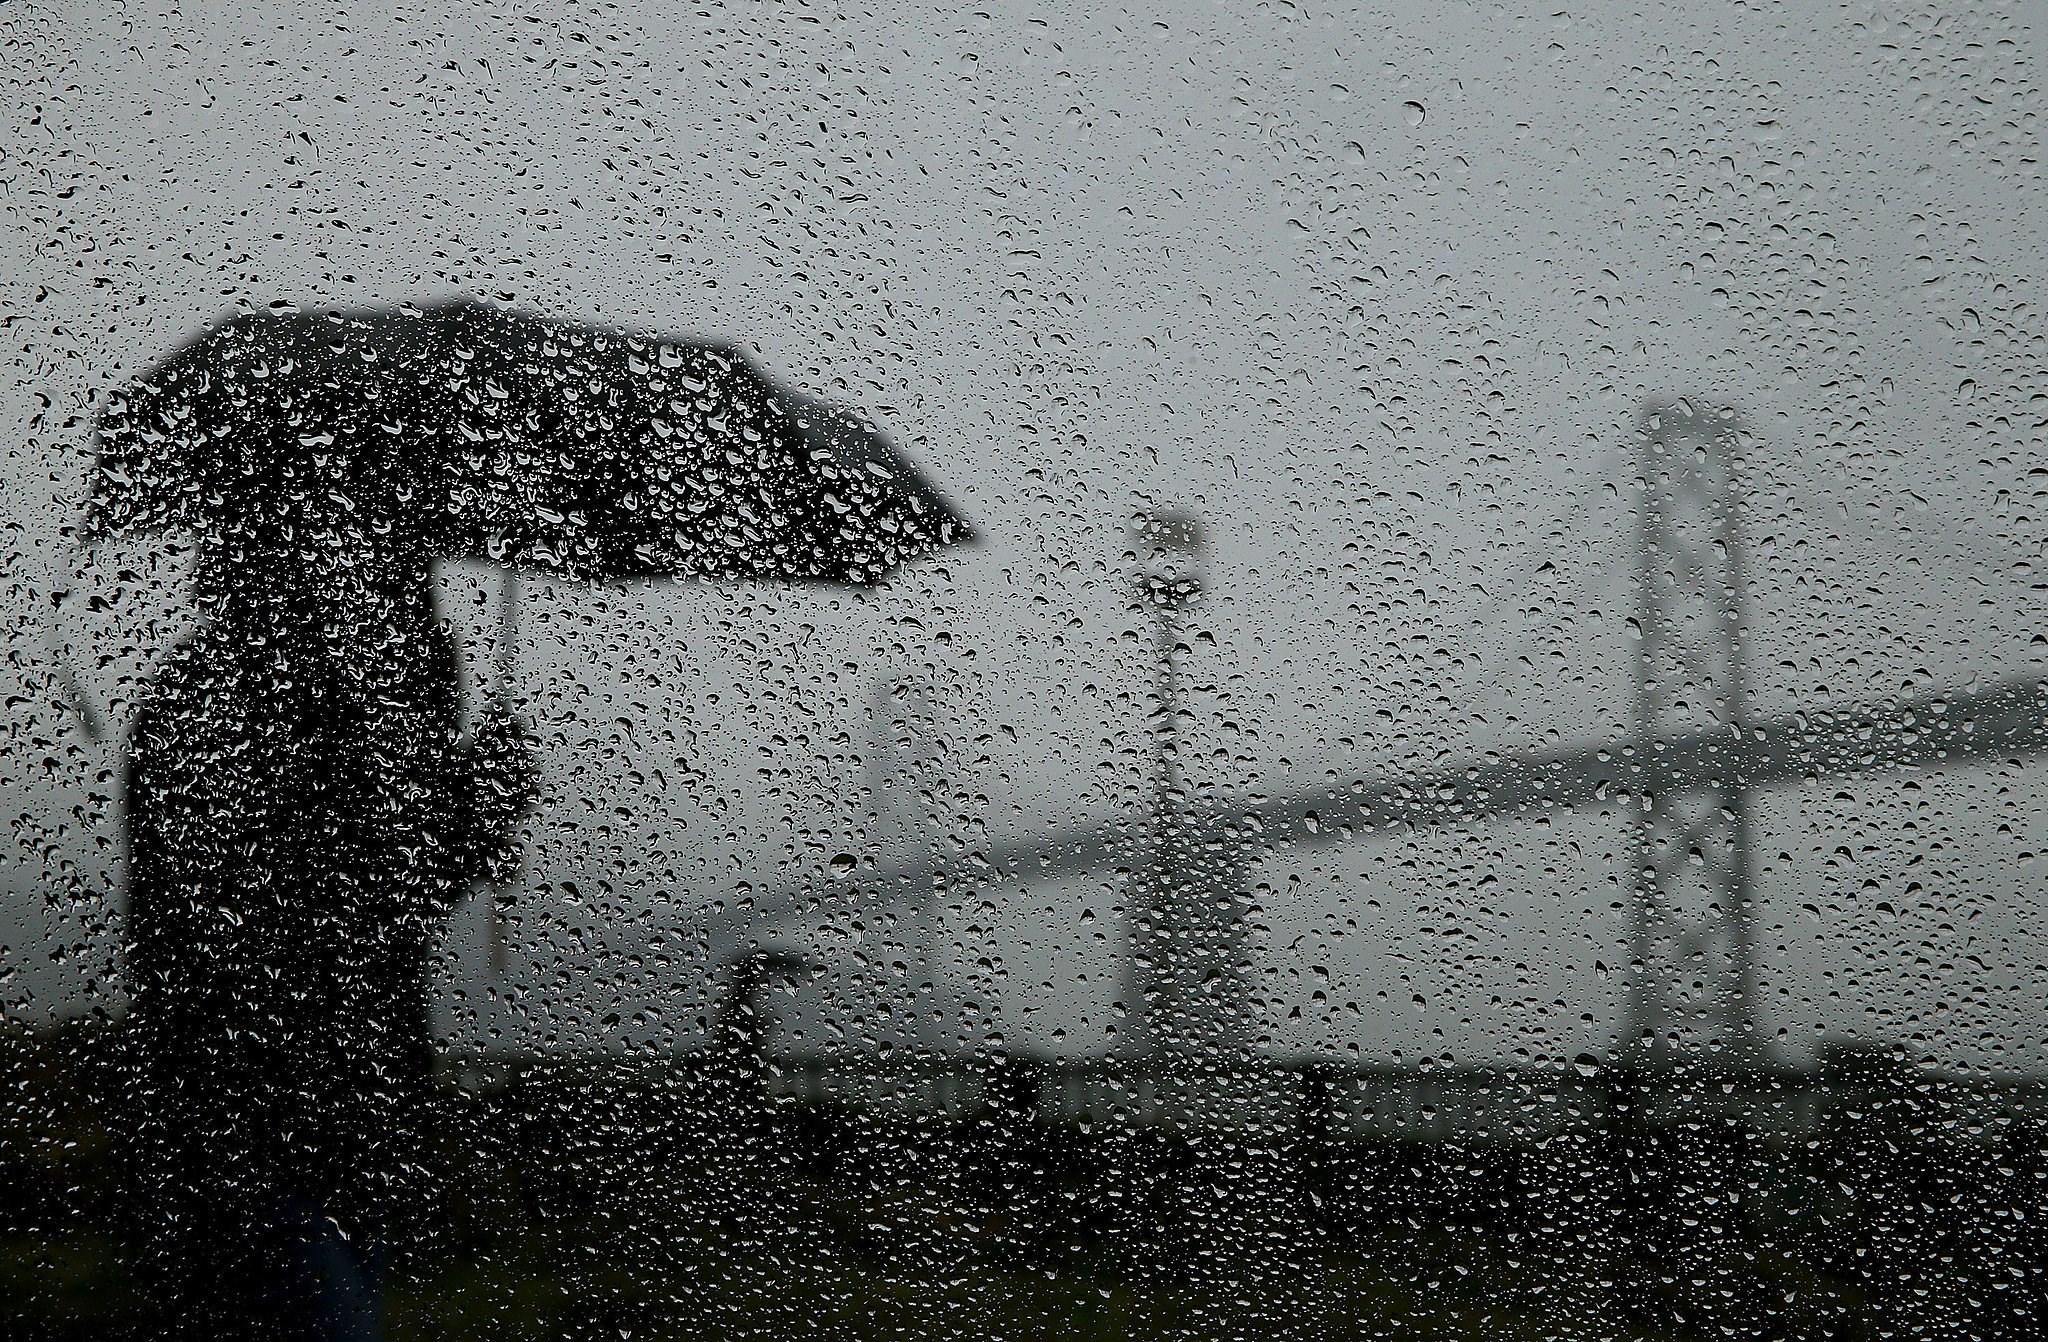 Rain Desktop Backgrounds Posted By John Peltier